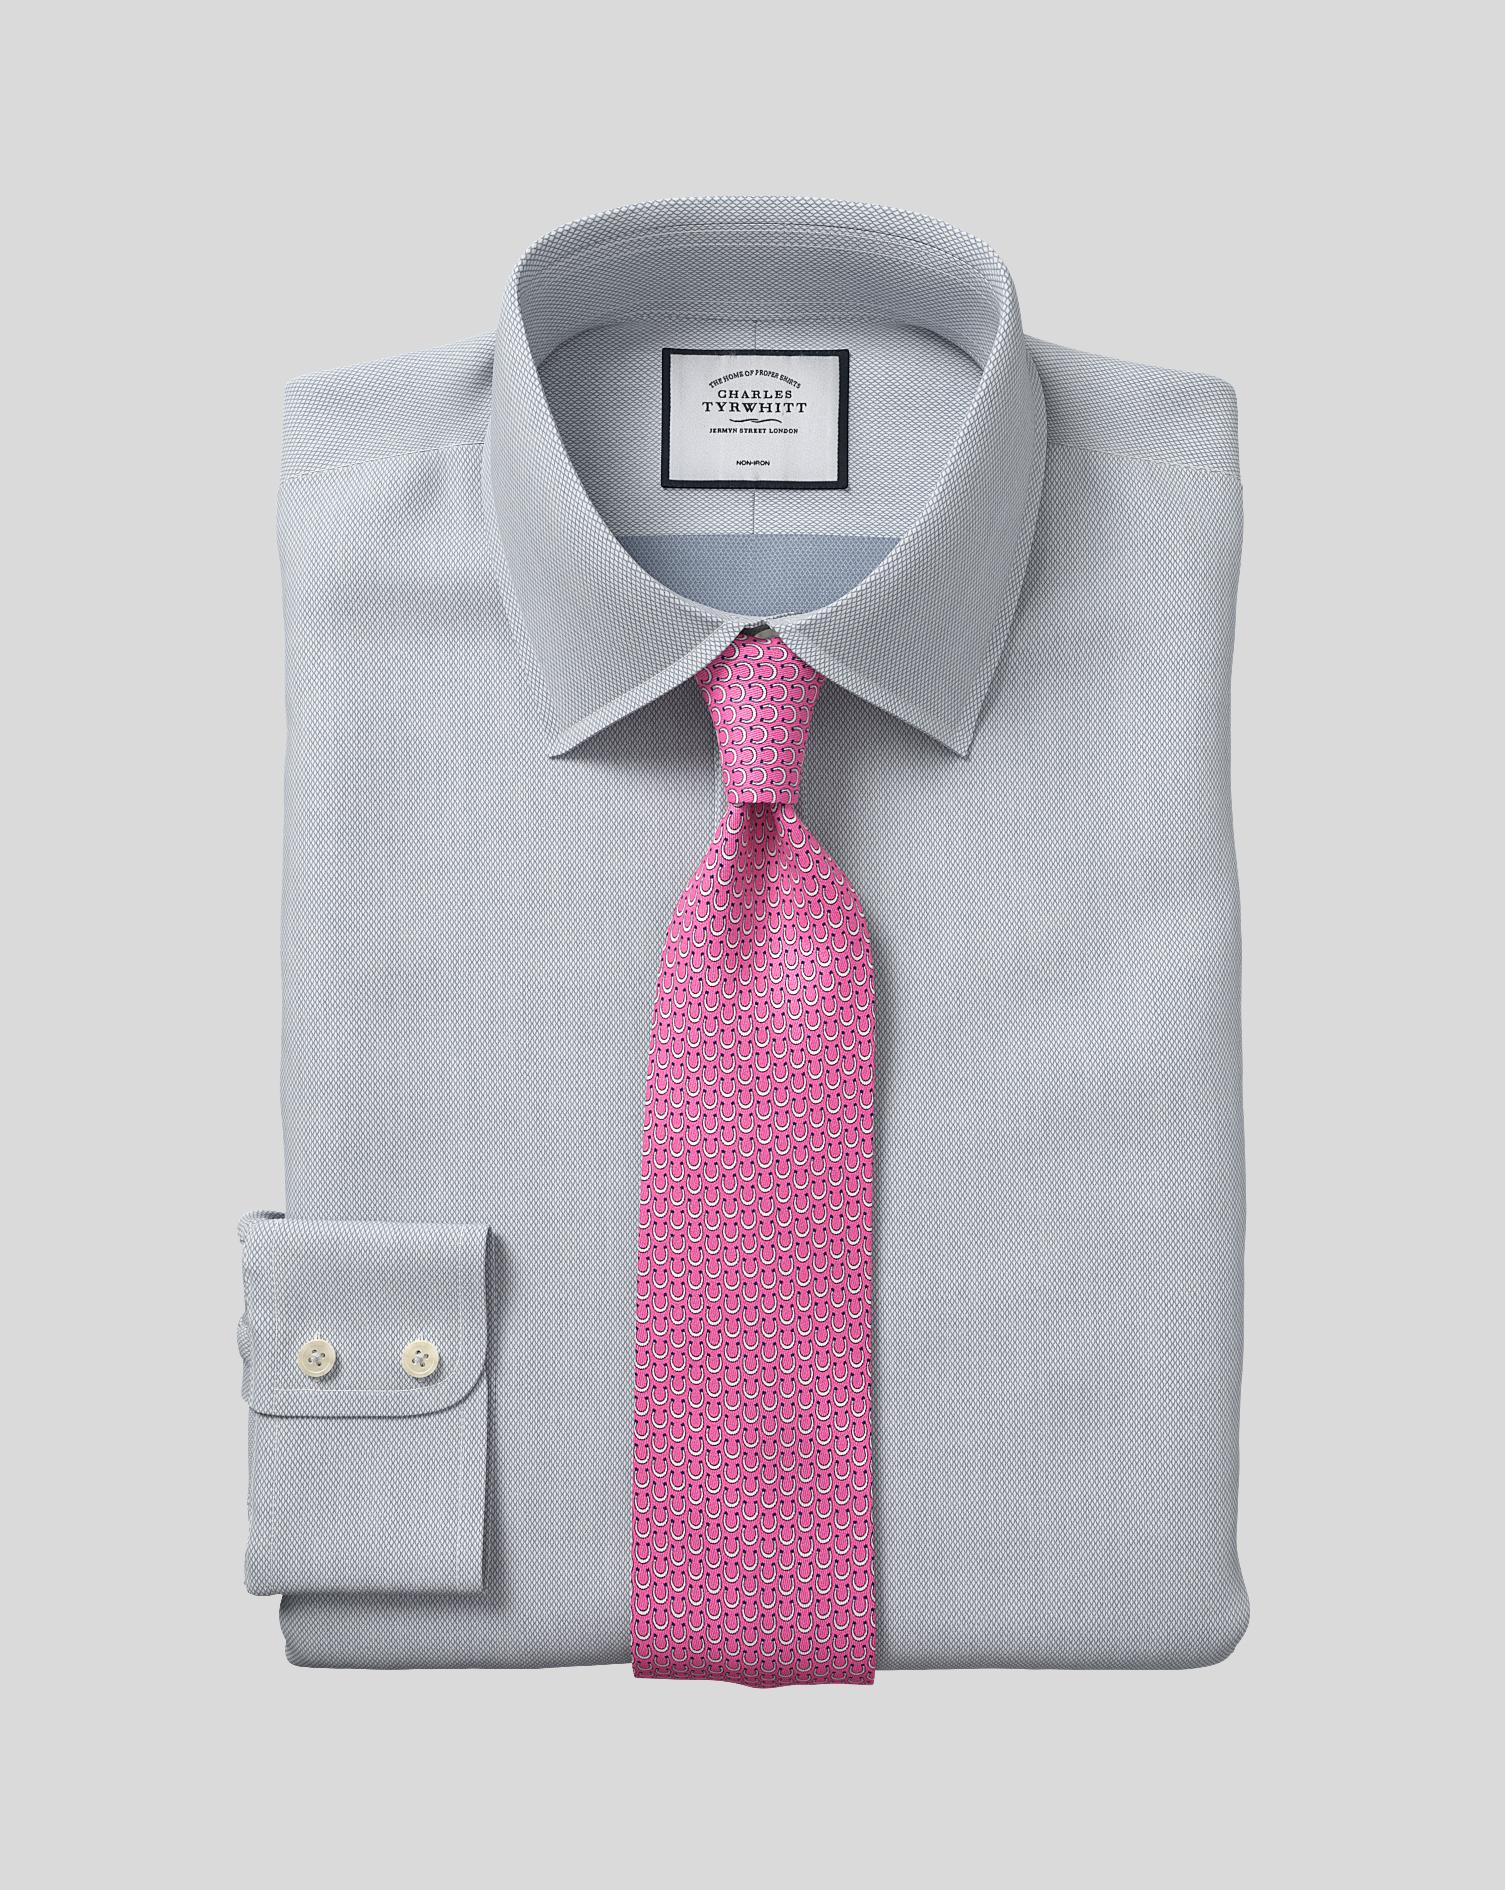 Cotton Classic Collar Non-Iron Micro Diamond Shirt - Grey